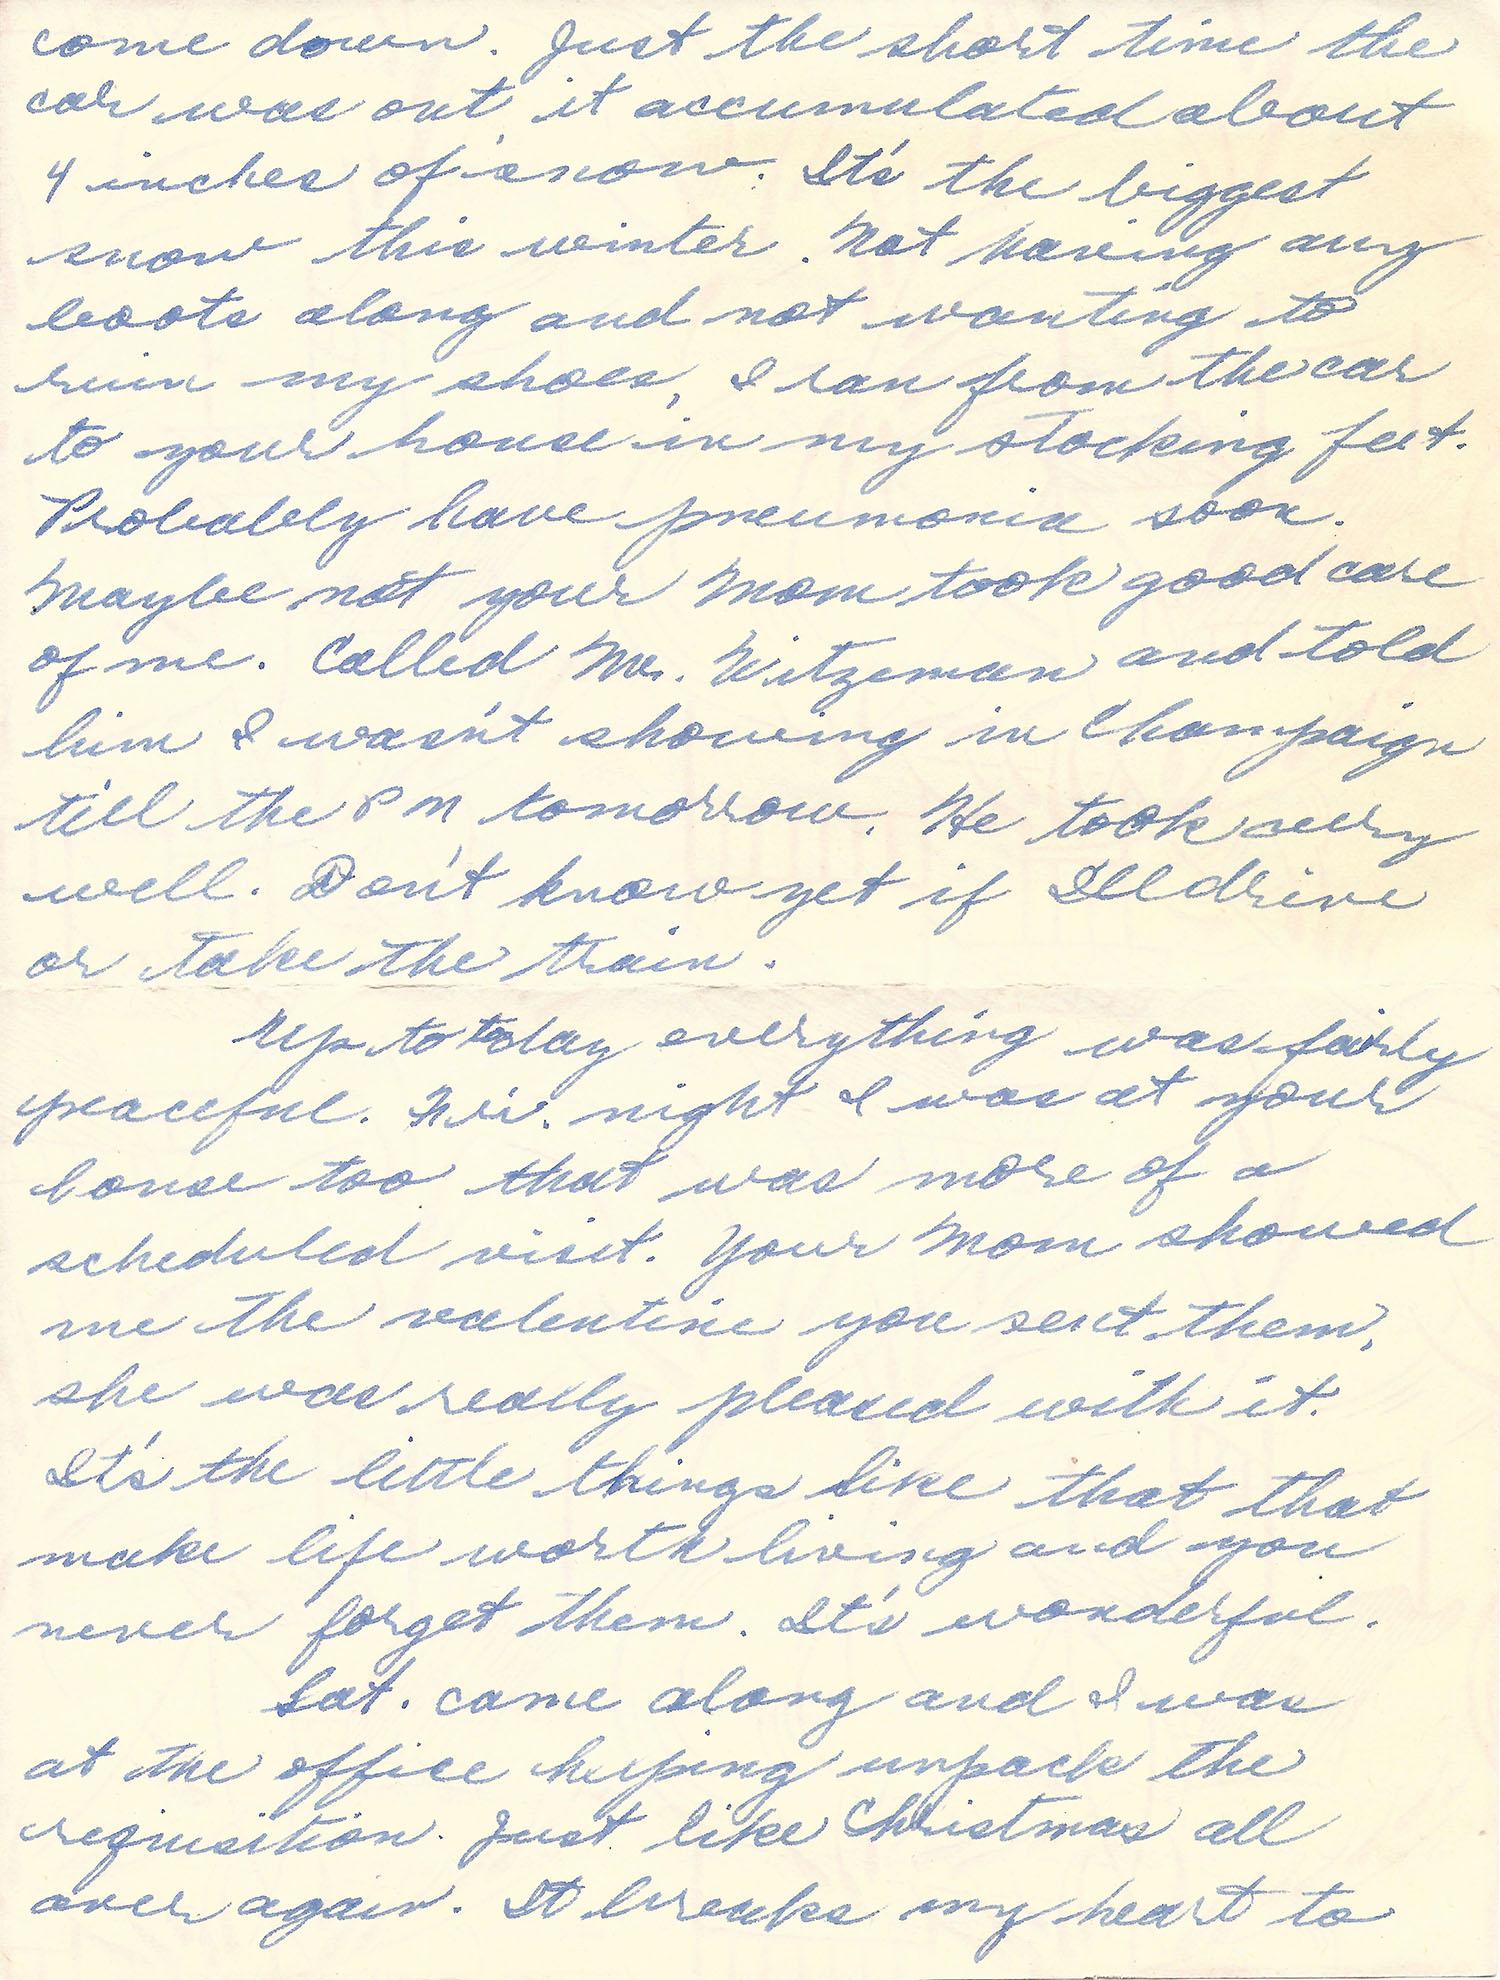 Mar. 1, 1953 (Marj), Page 2